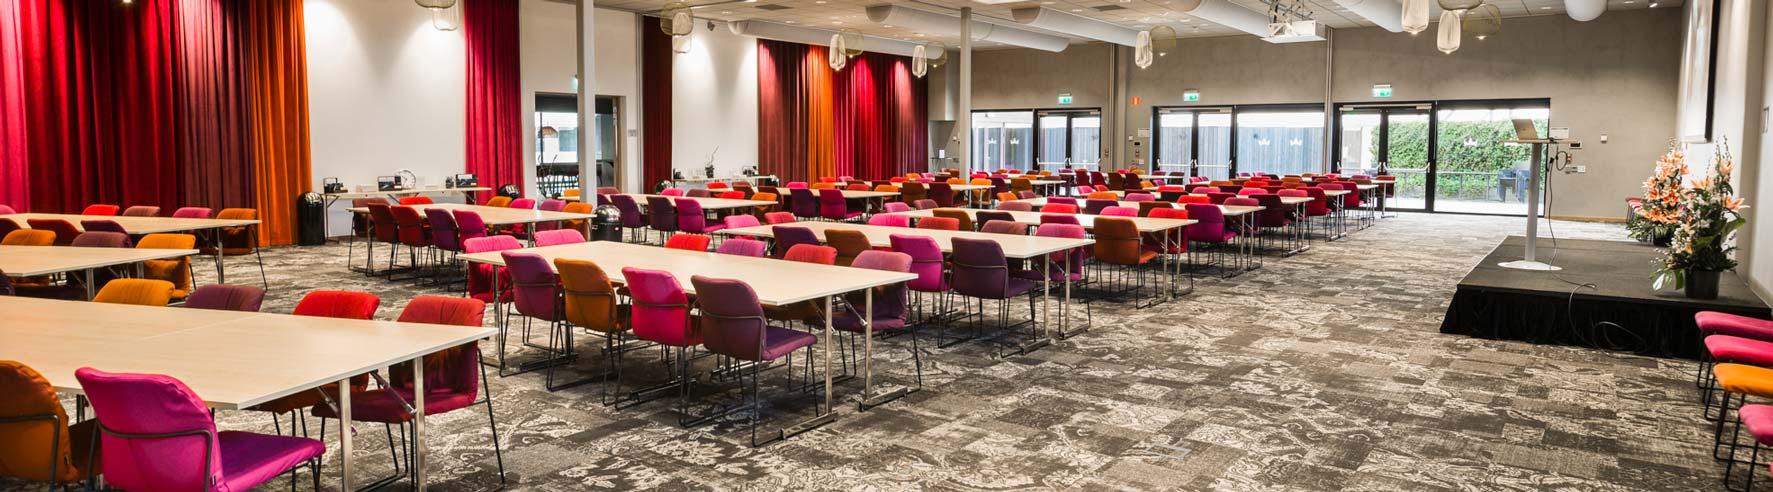 malmö arena hotel konferens terassen